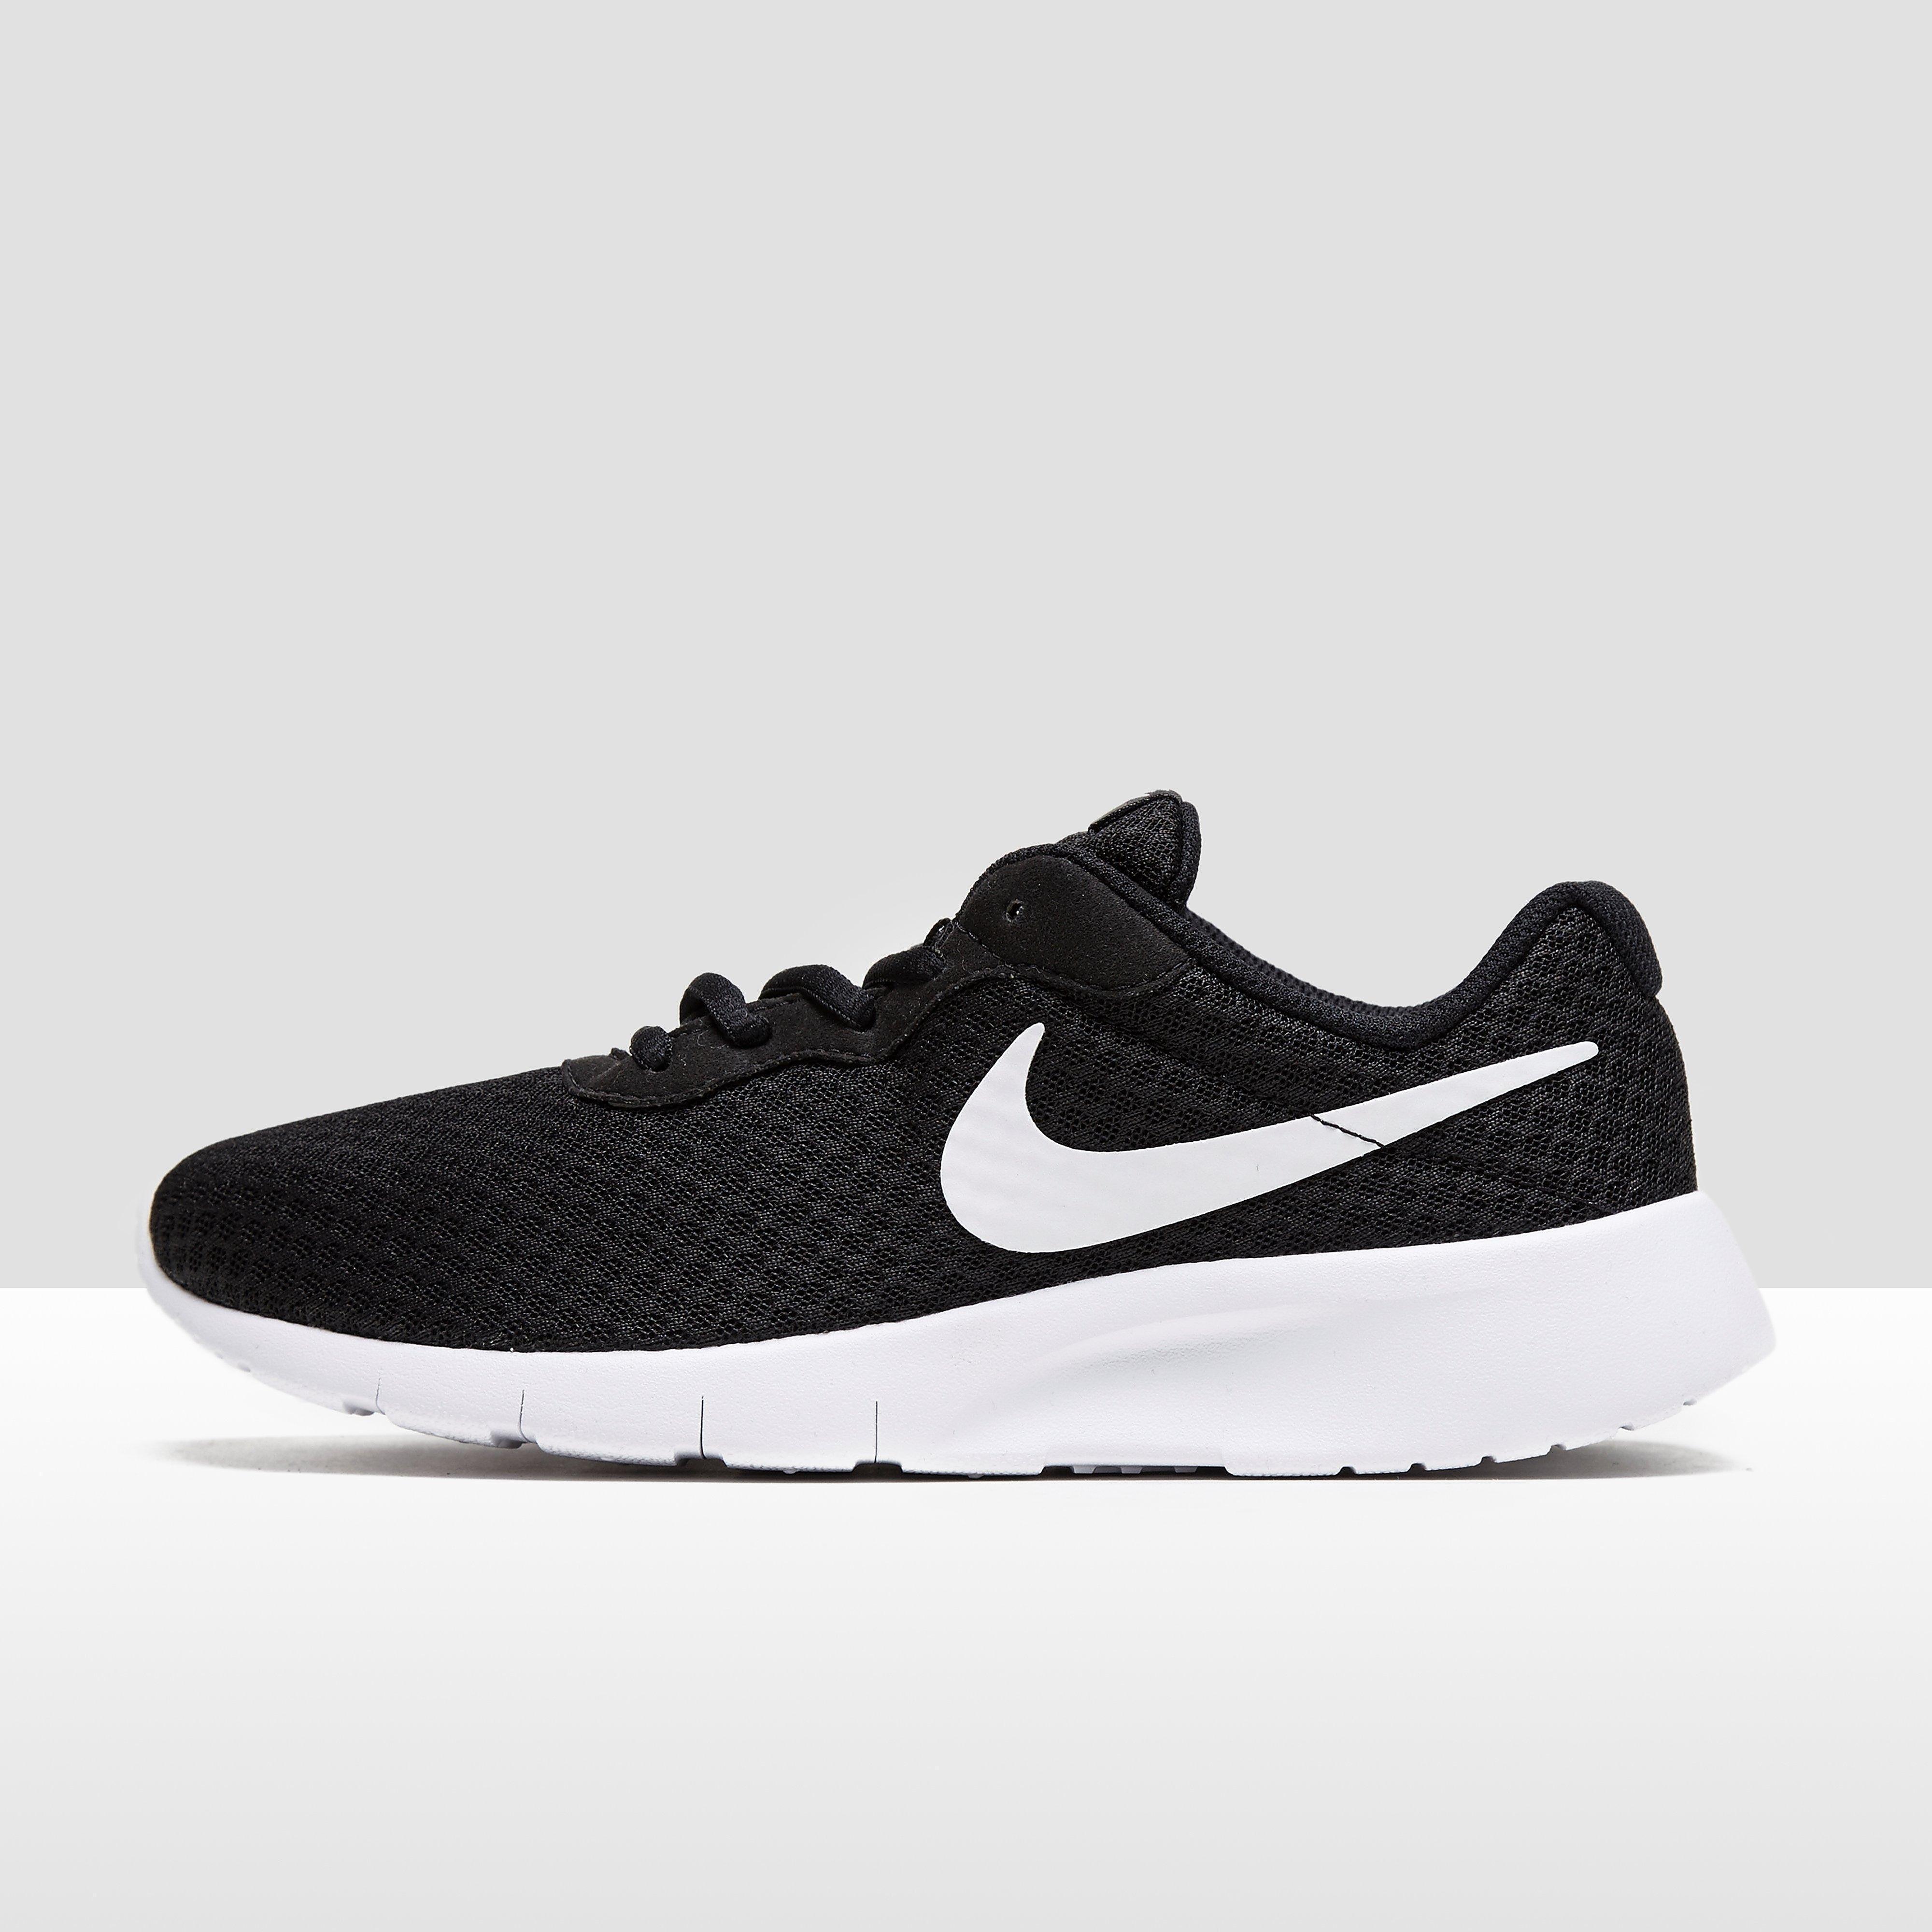 Meisjes Nike Schoenen online kopen? Vergelijk op Vindjeschoen.nl